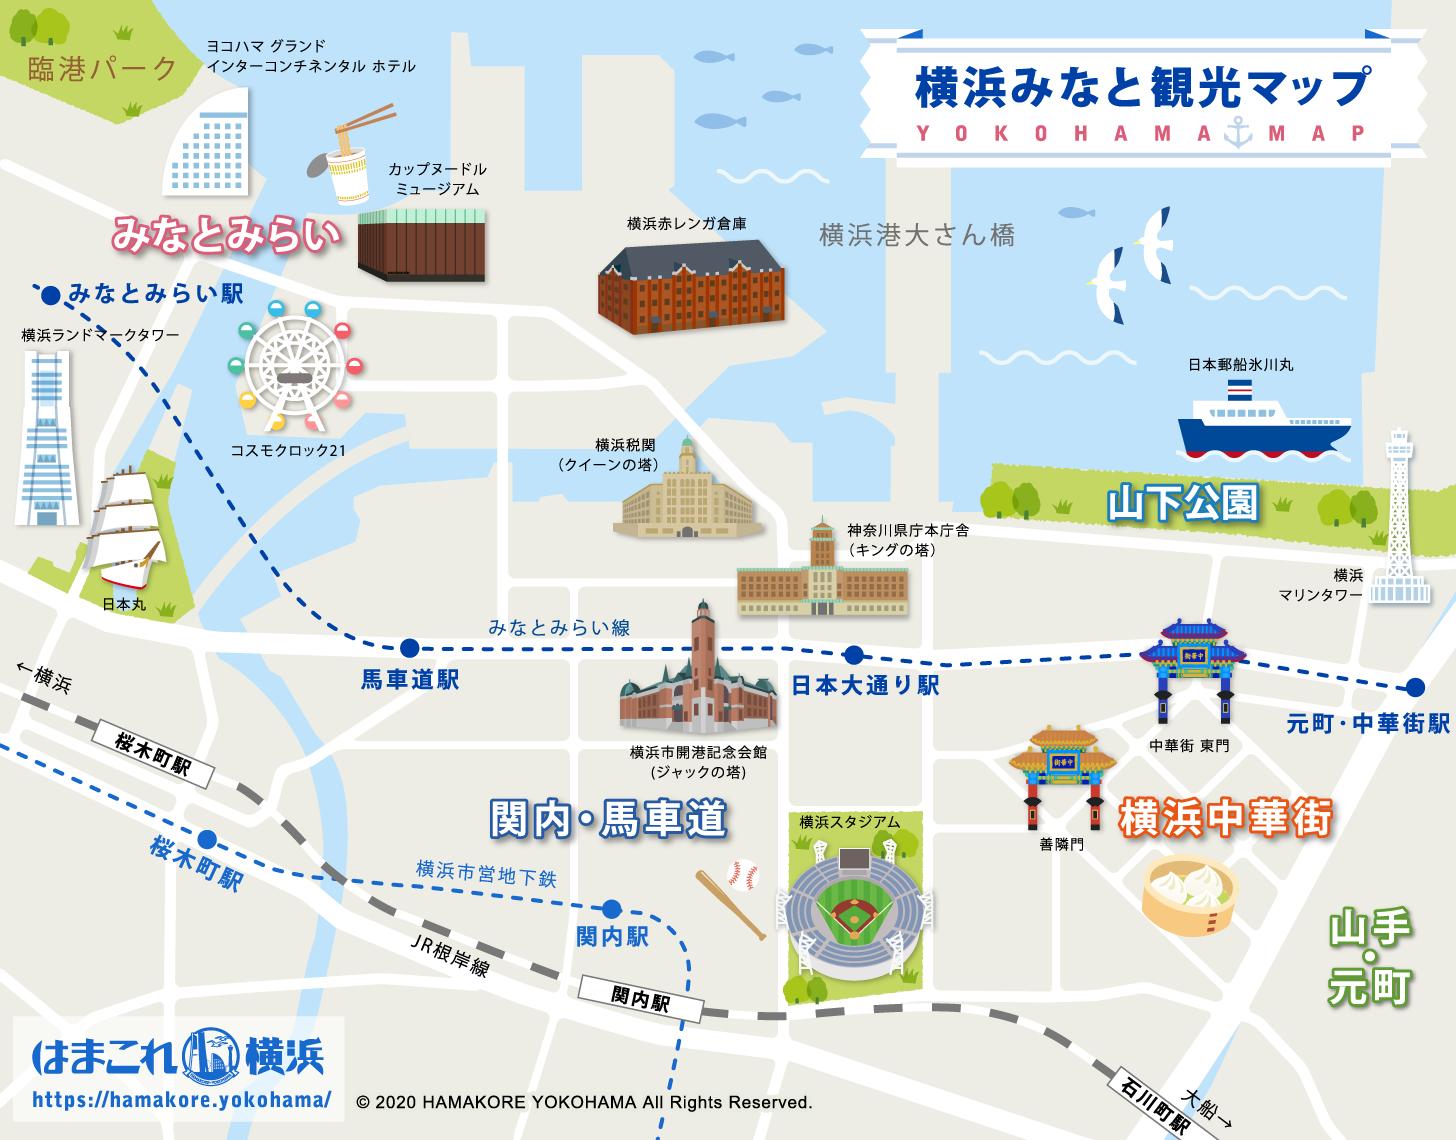 山下公園 マップ